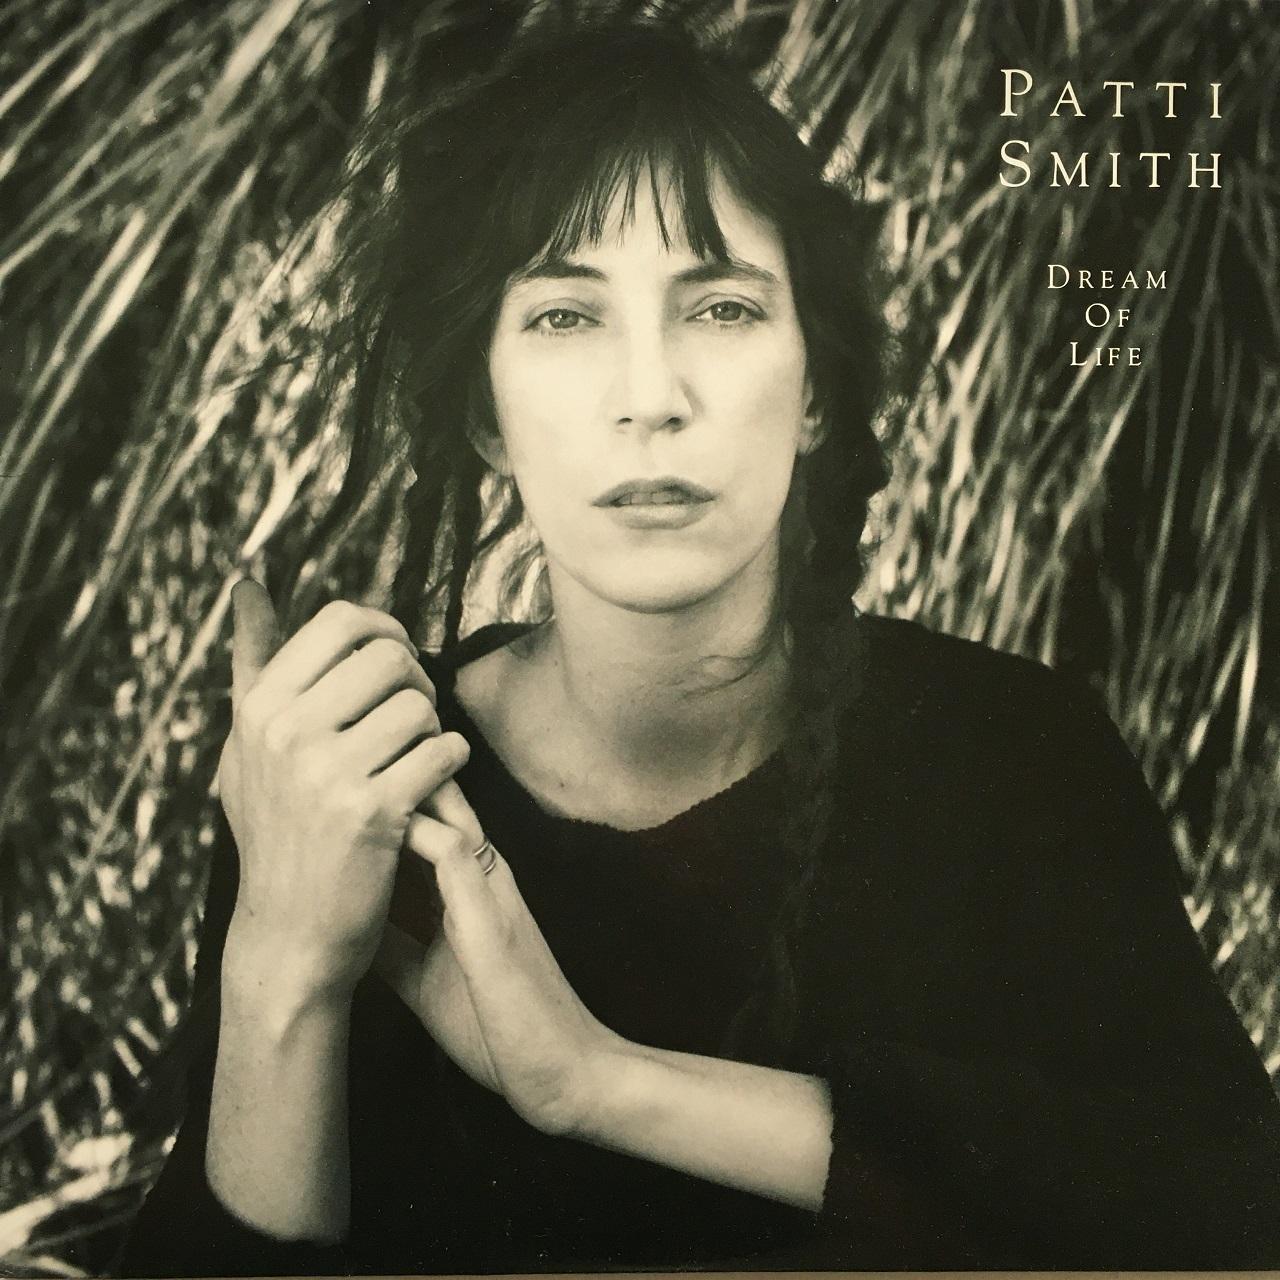 【LP・独盤】Patti Smith / Dream Of Life